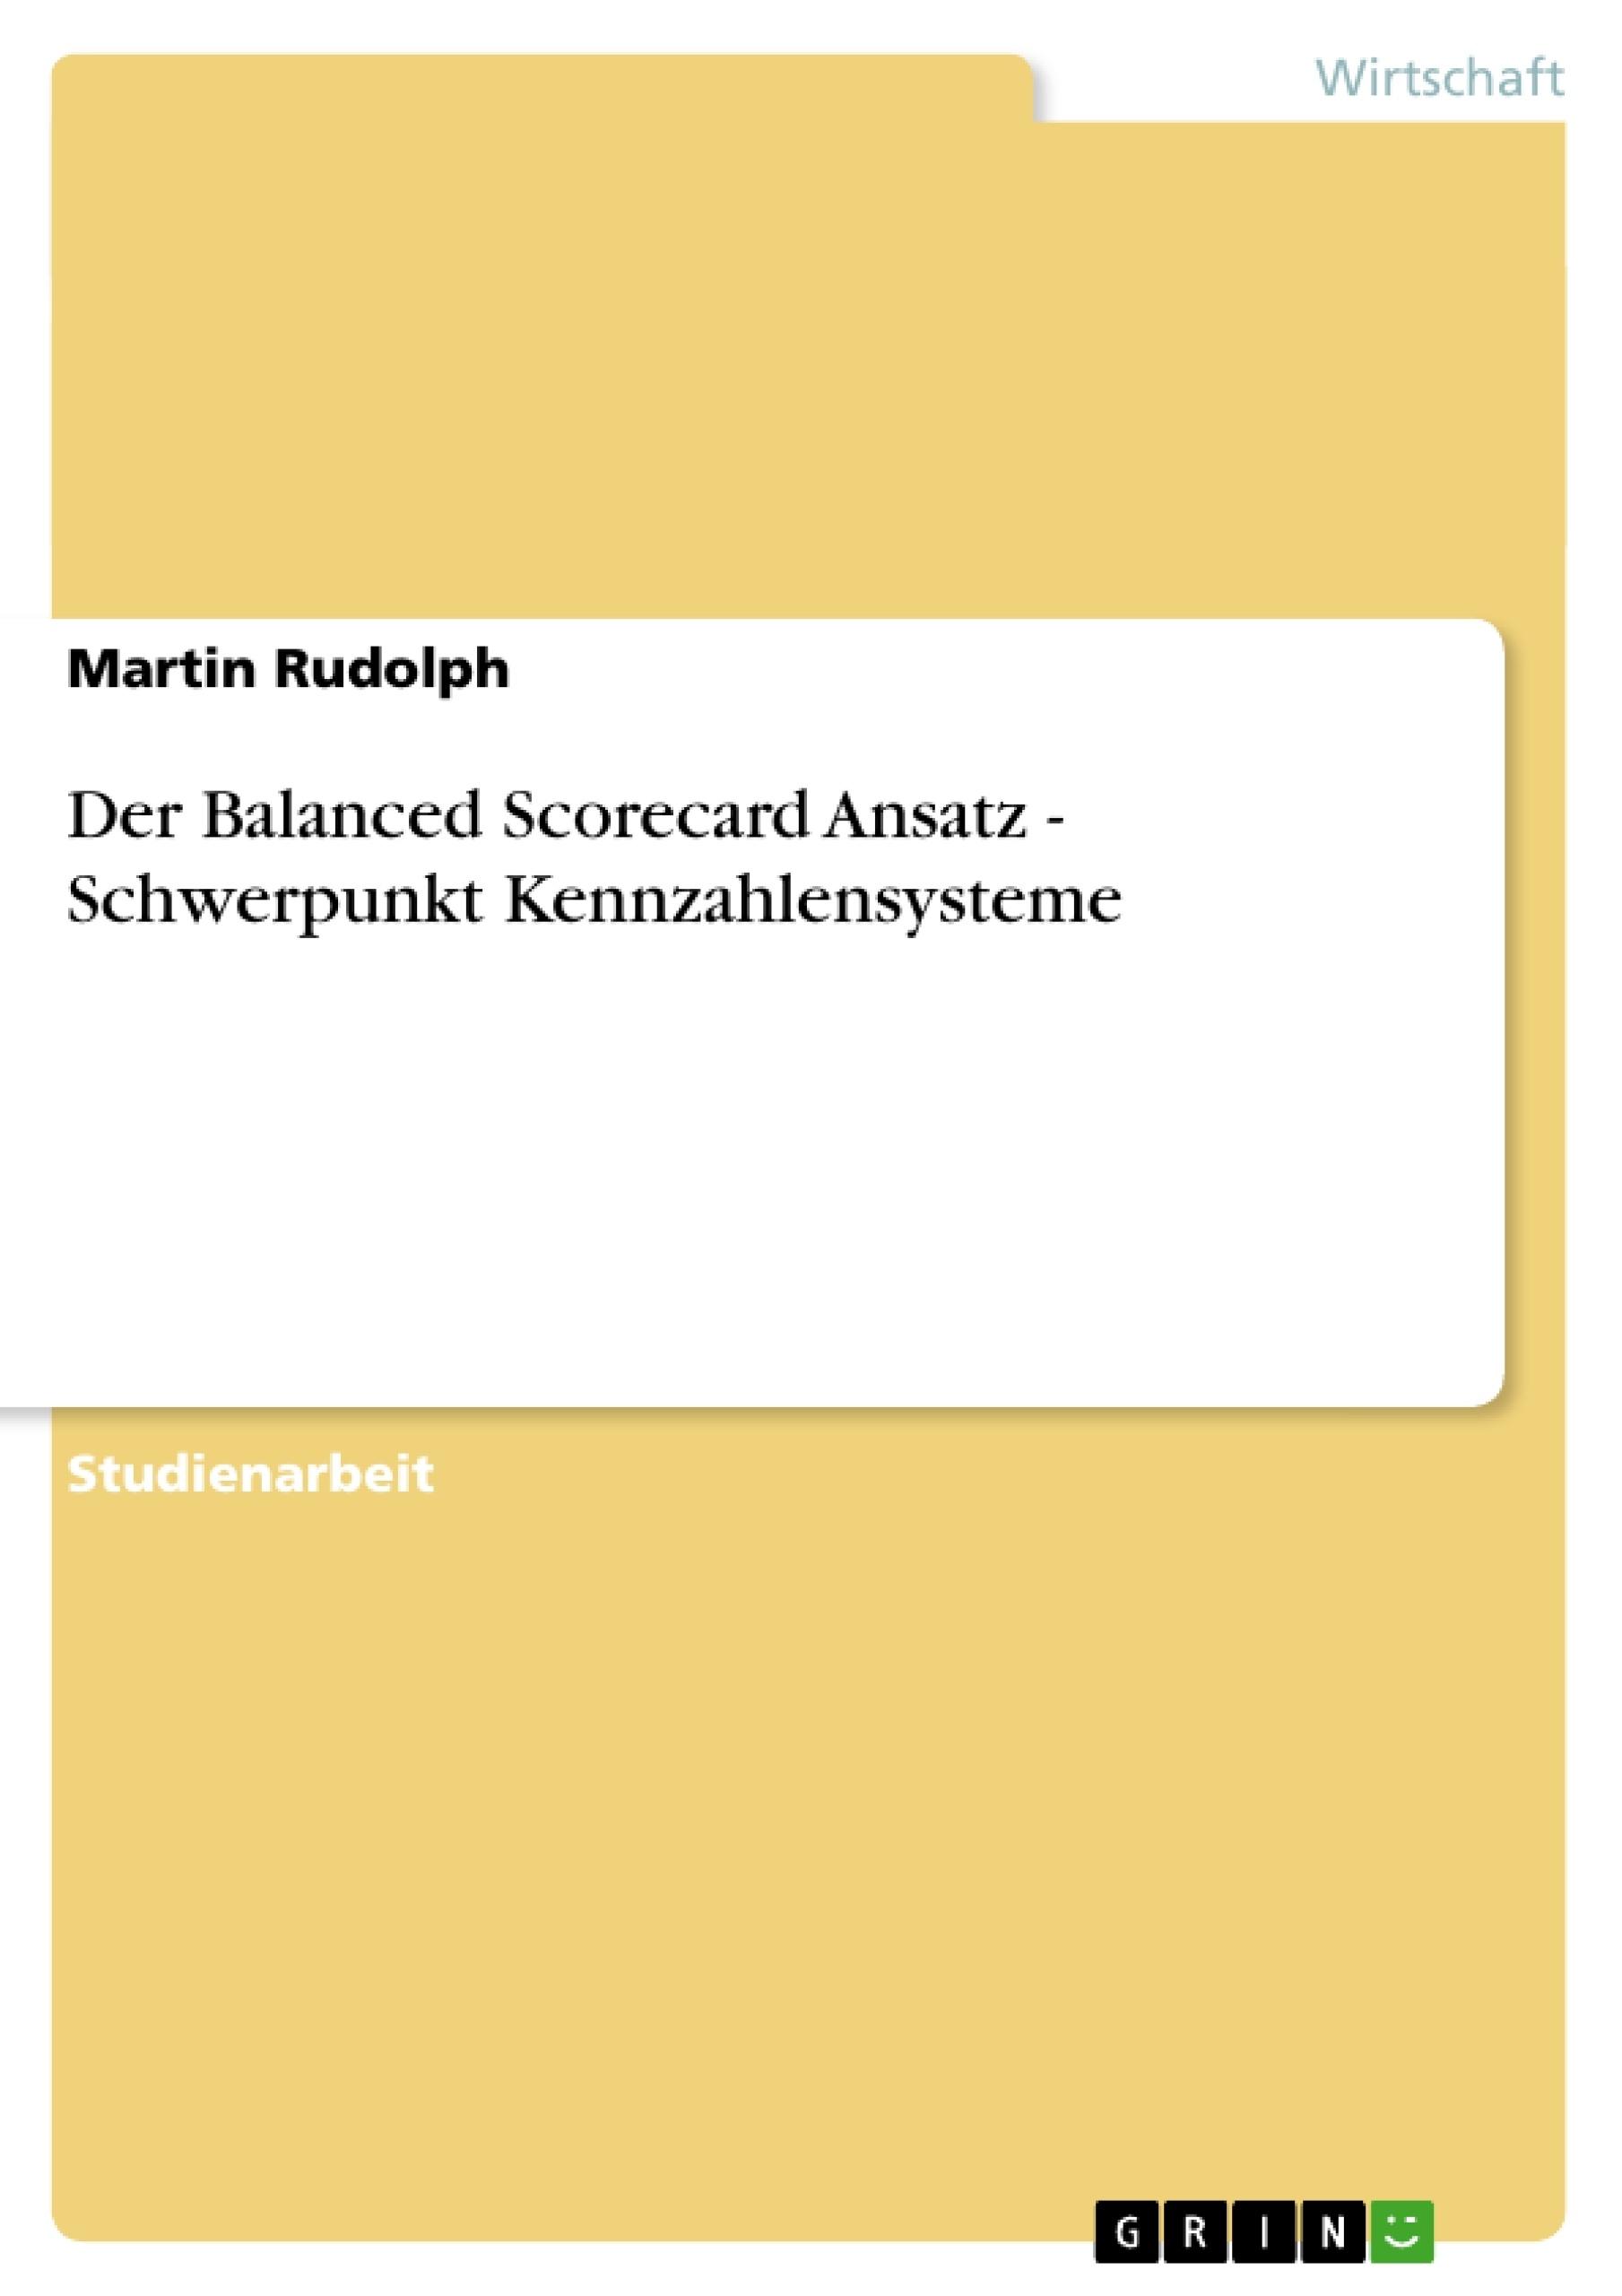 Titel: Der Balanced Scorecard Ansatz - Schwerpunkt Kennzahlensysteme